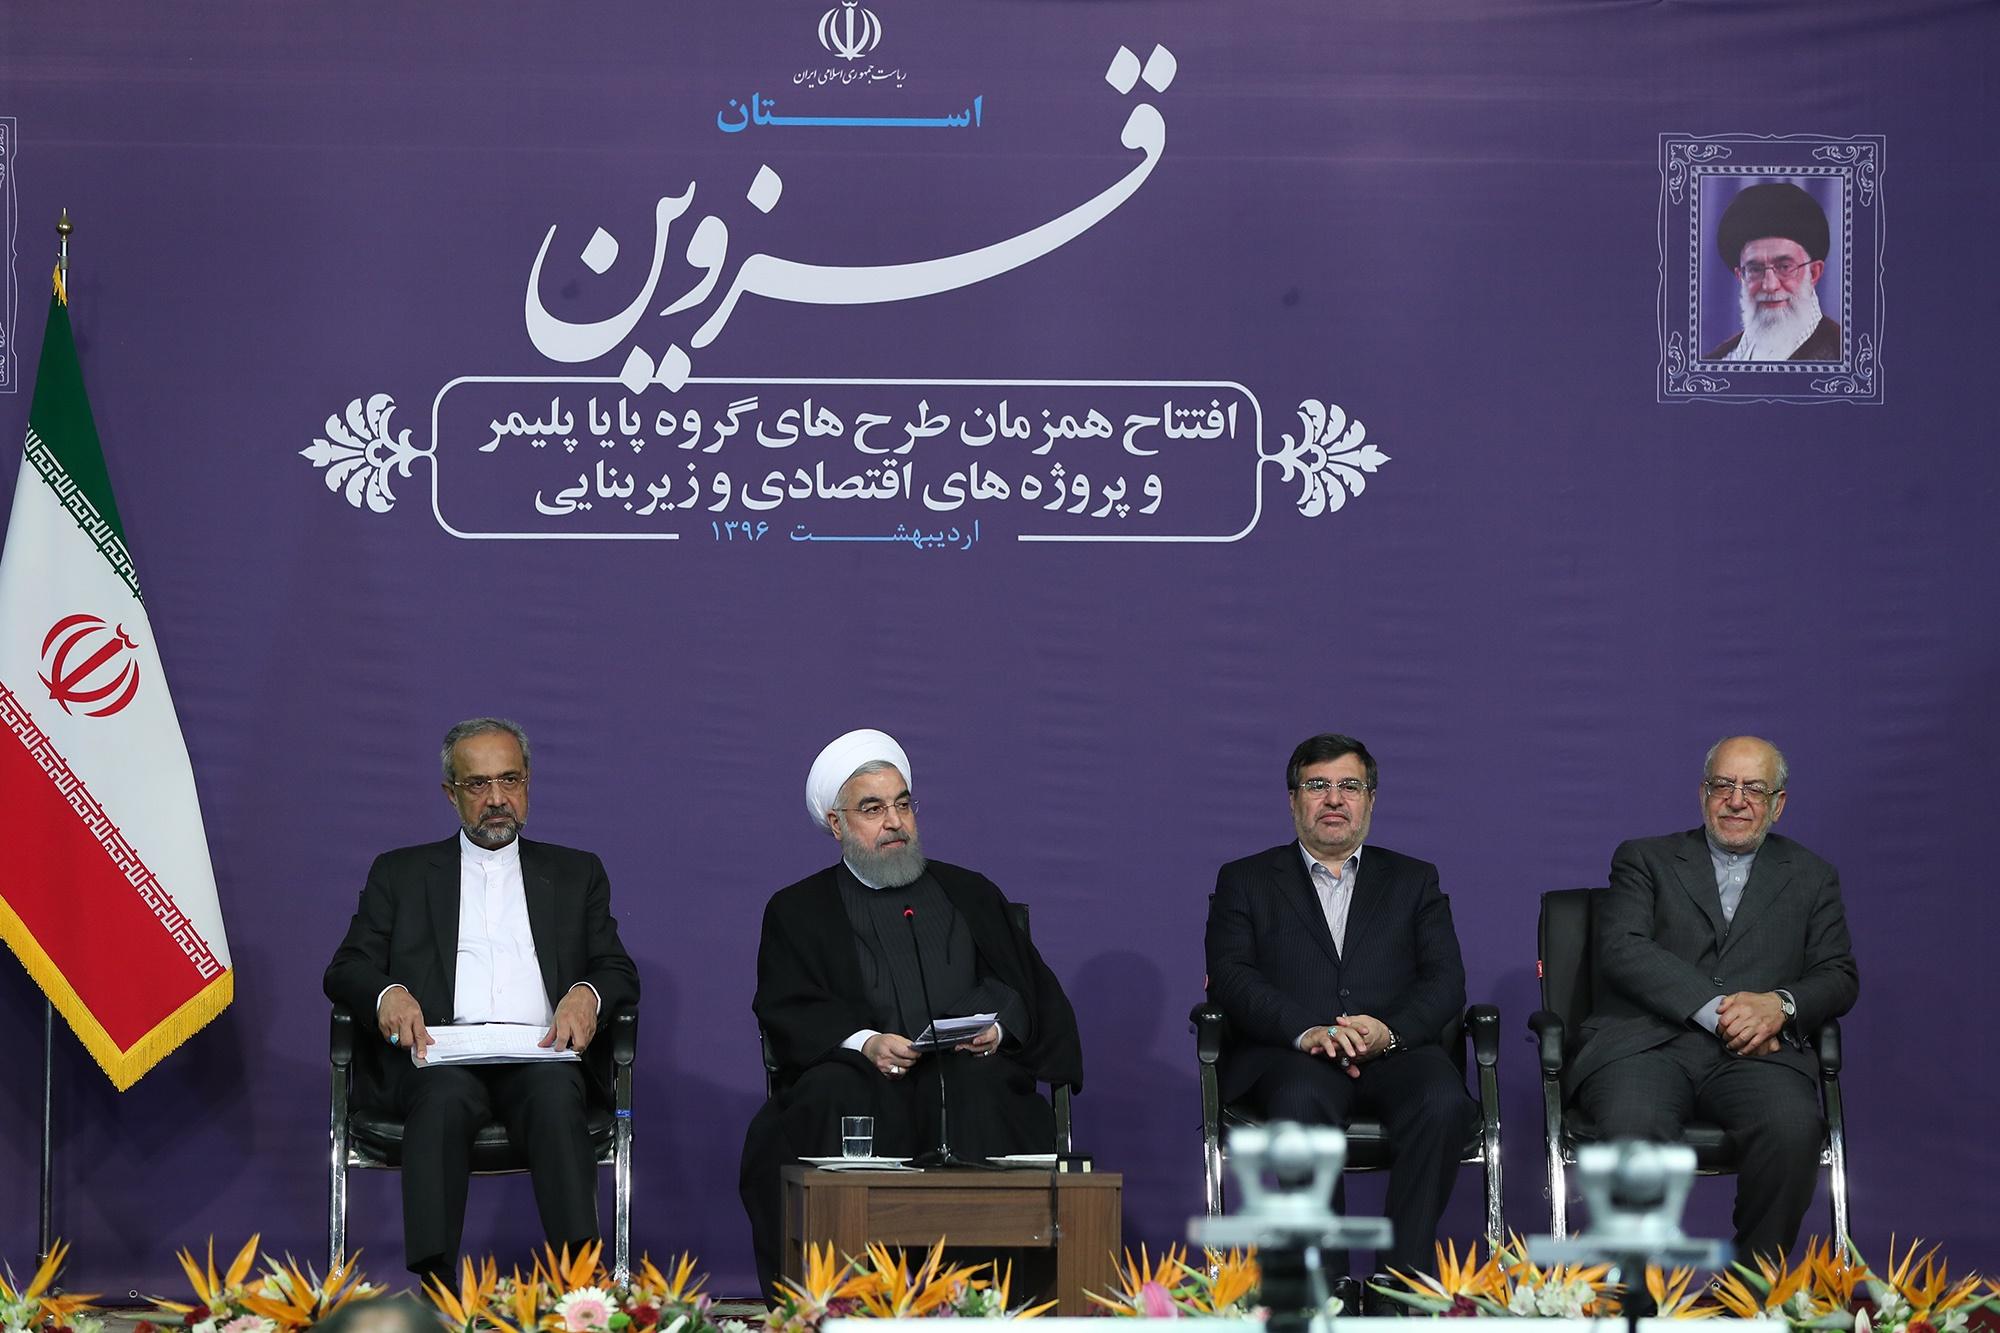 روحانی: در روزهای آینده حقایق درباره سنگاندازیها را میگویم